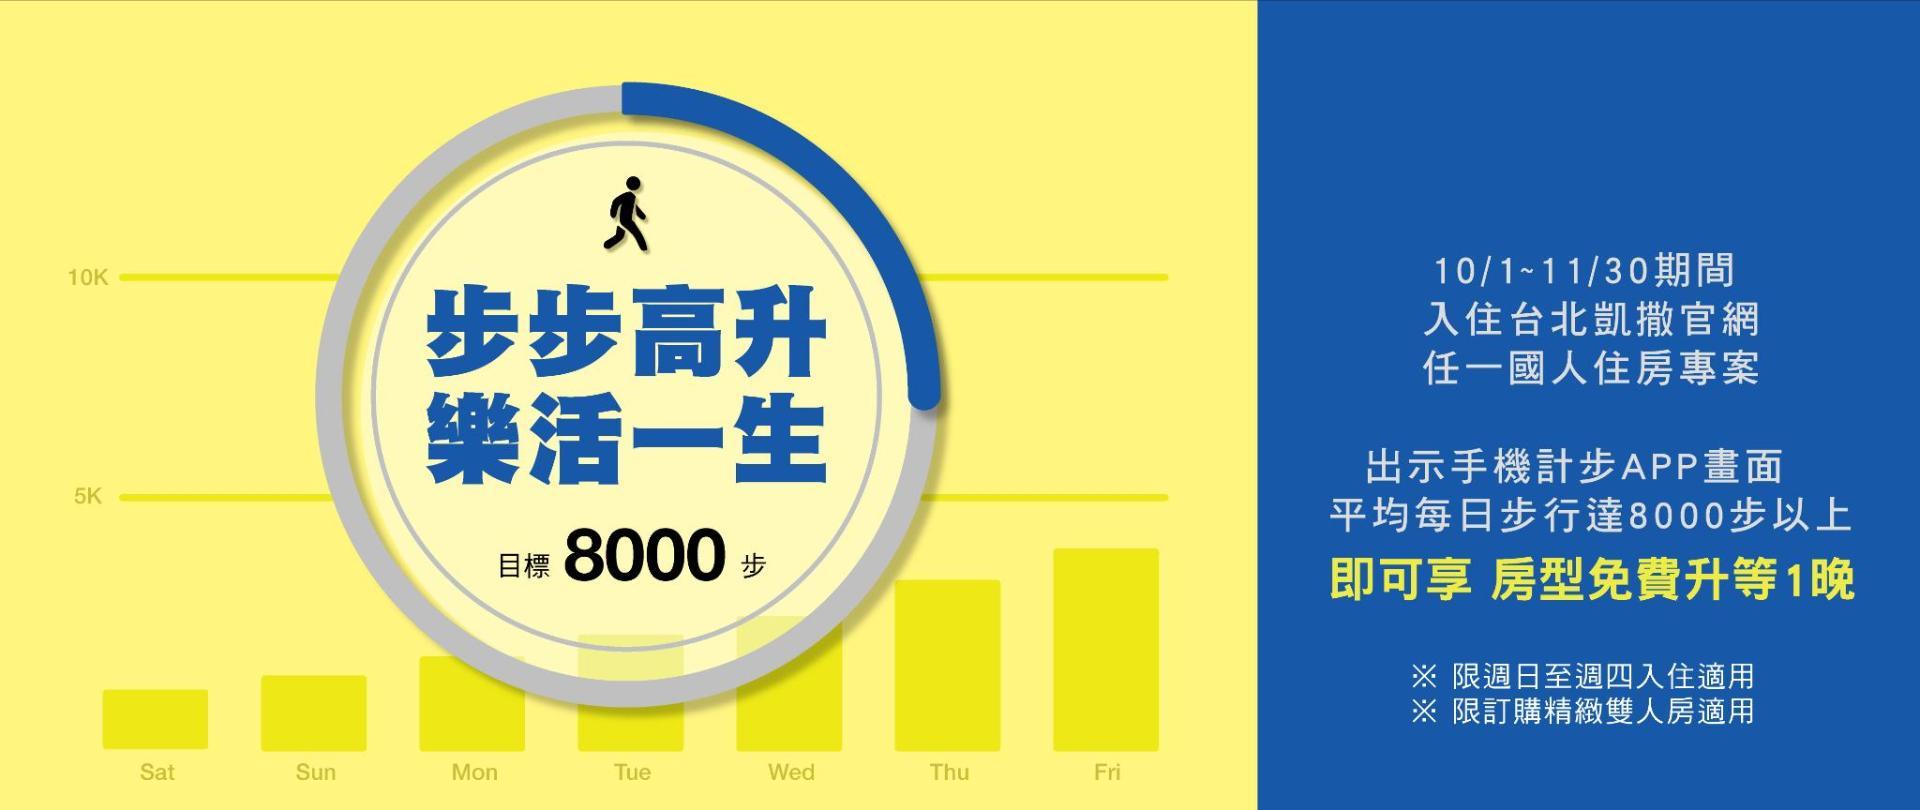 官網Slide-Show4000X1688_步步高升住房專案.jpg